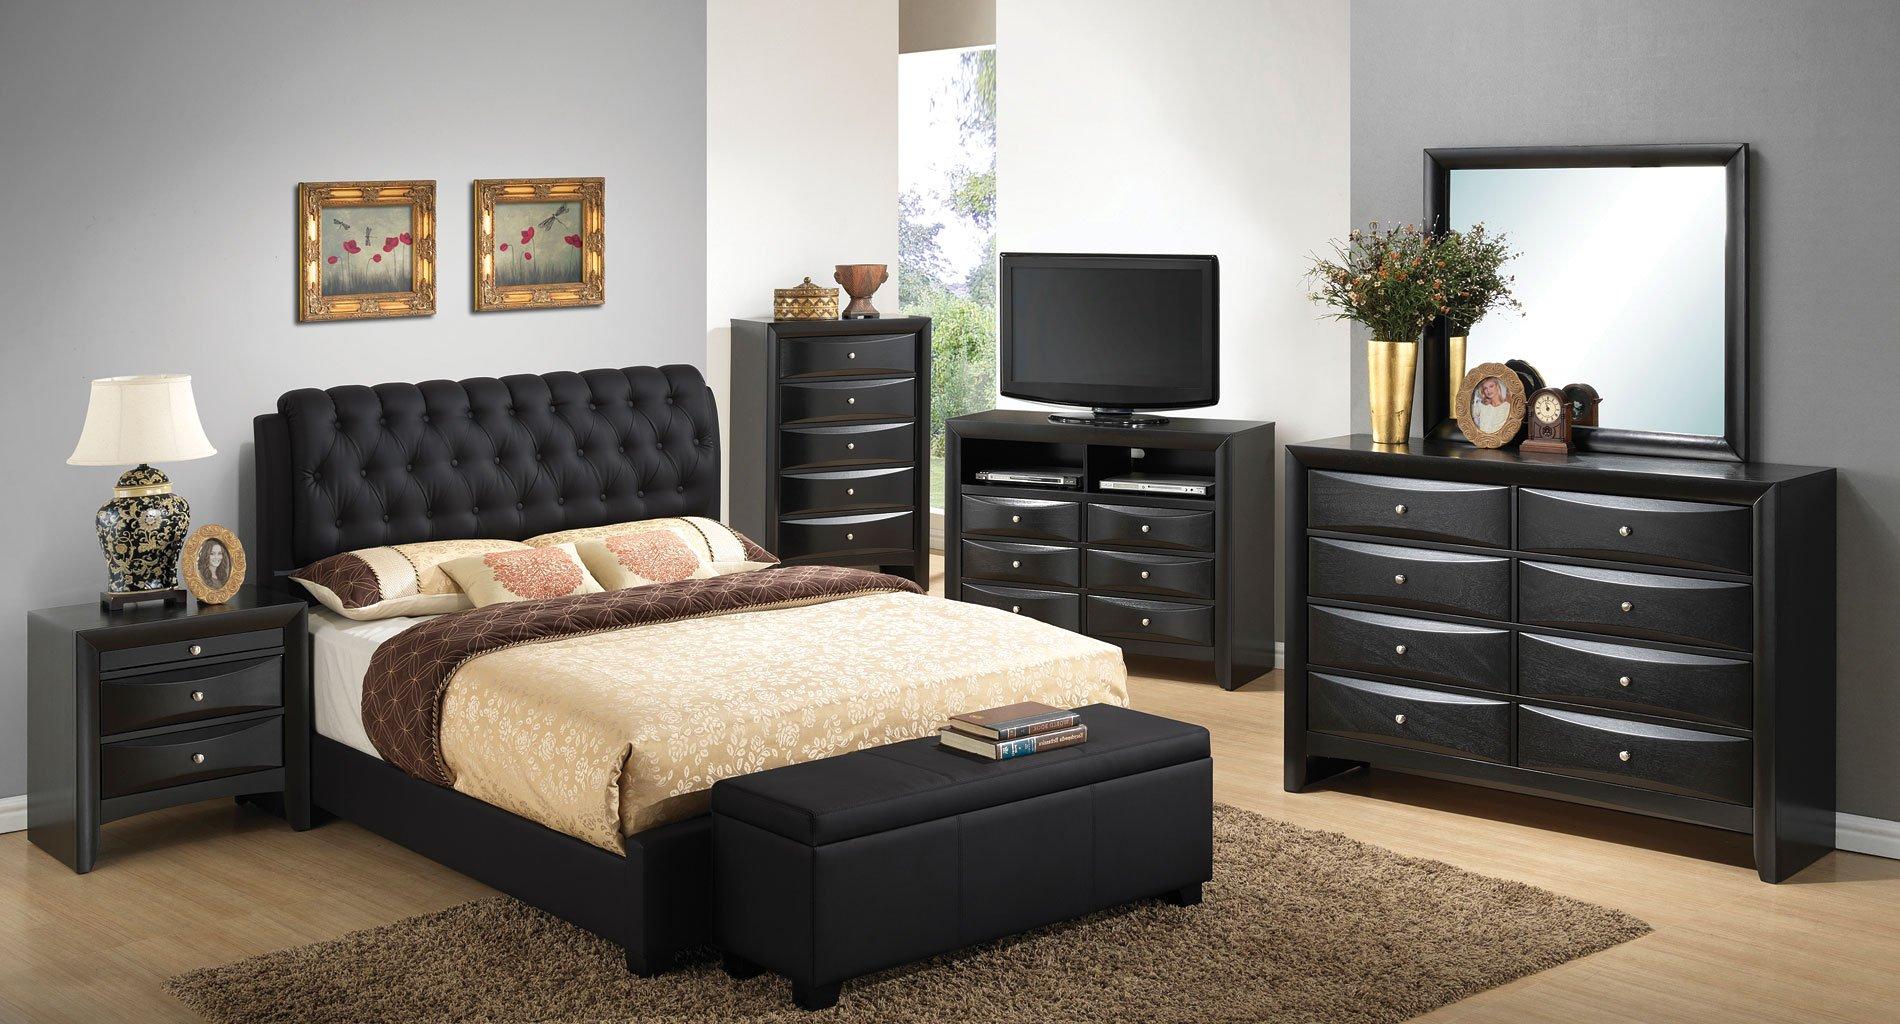 G1500 Upholstered Bedroom Set Bedroom Sets Bedroom Furniture Bedroom